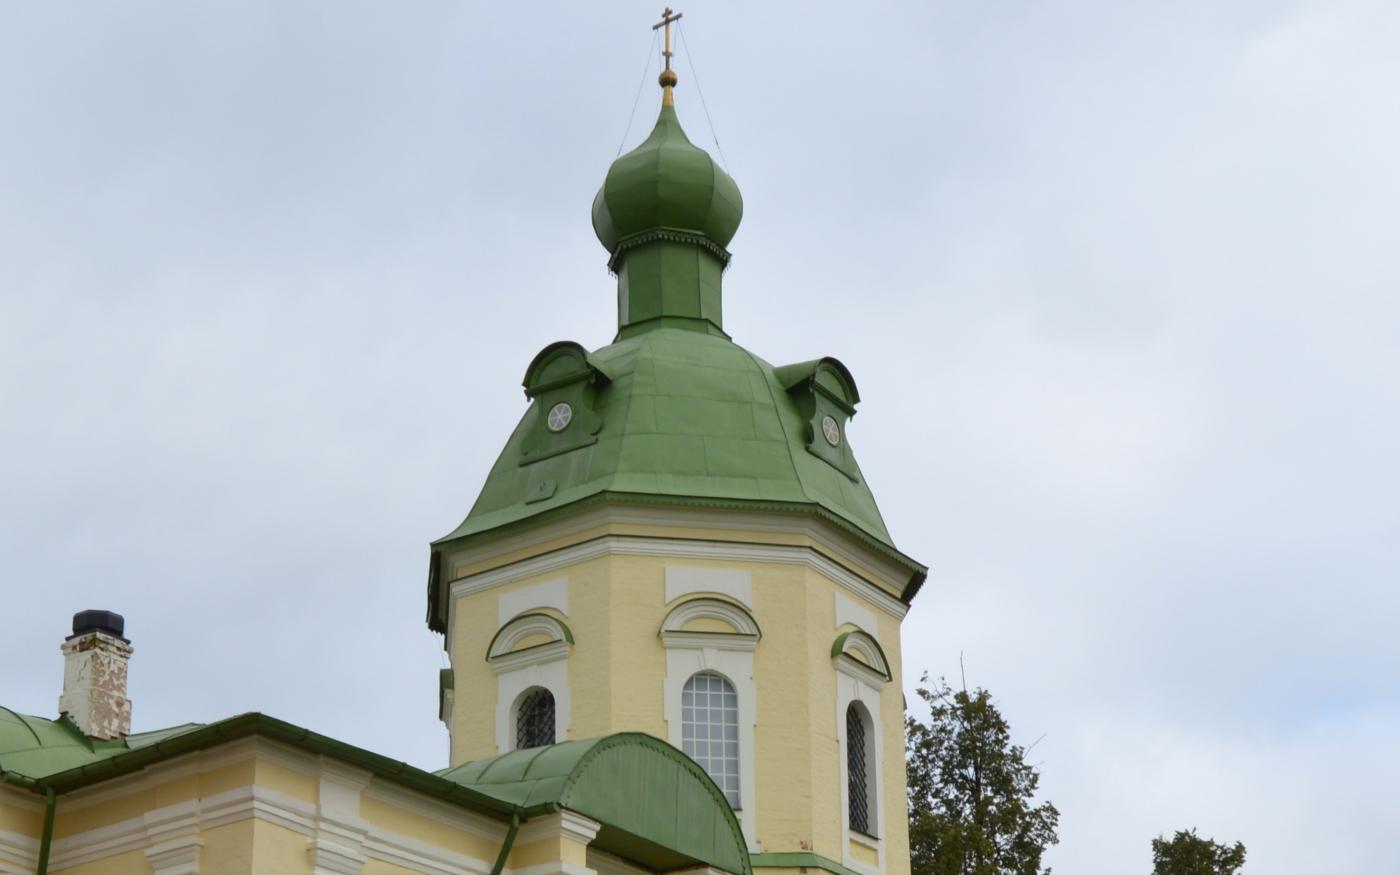 俄罗斯小镇风光_图1-16